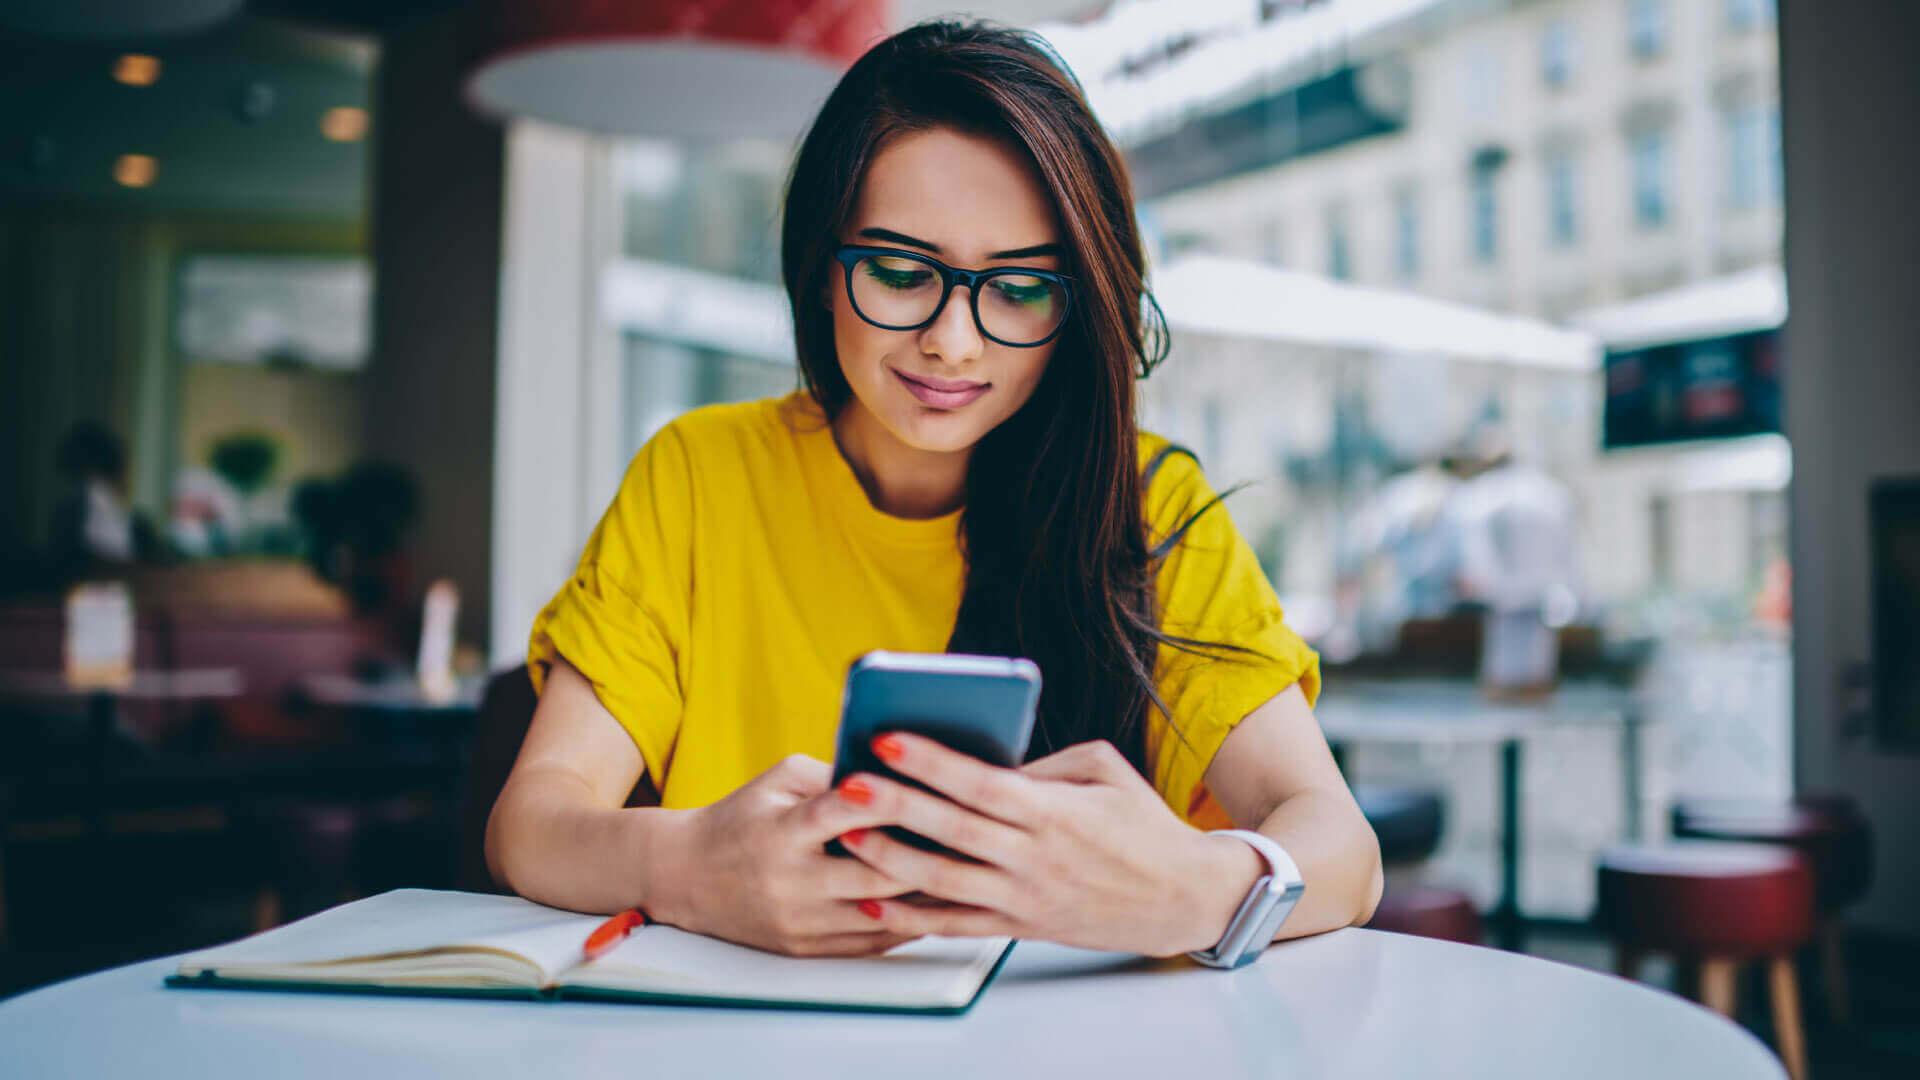 Lo que necesita saber sobre SEO y satisfacción del usuario